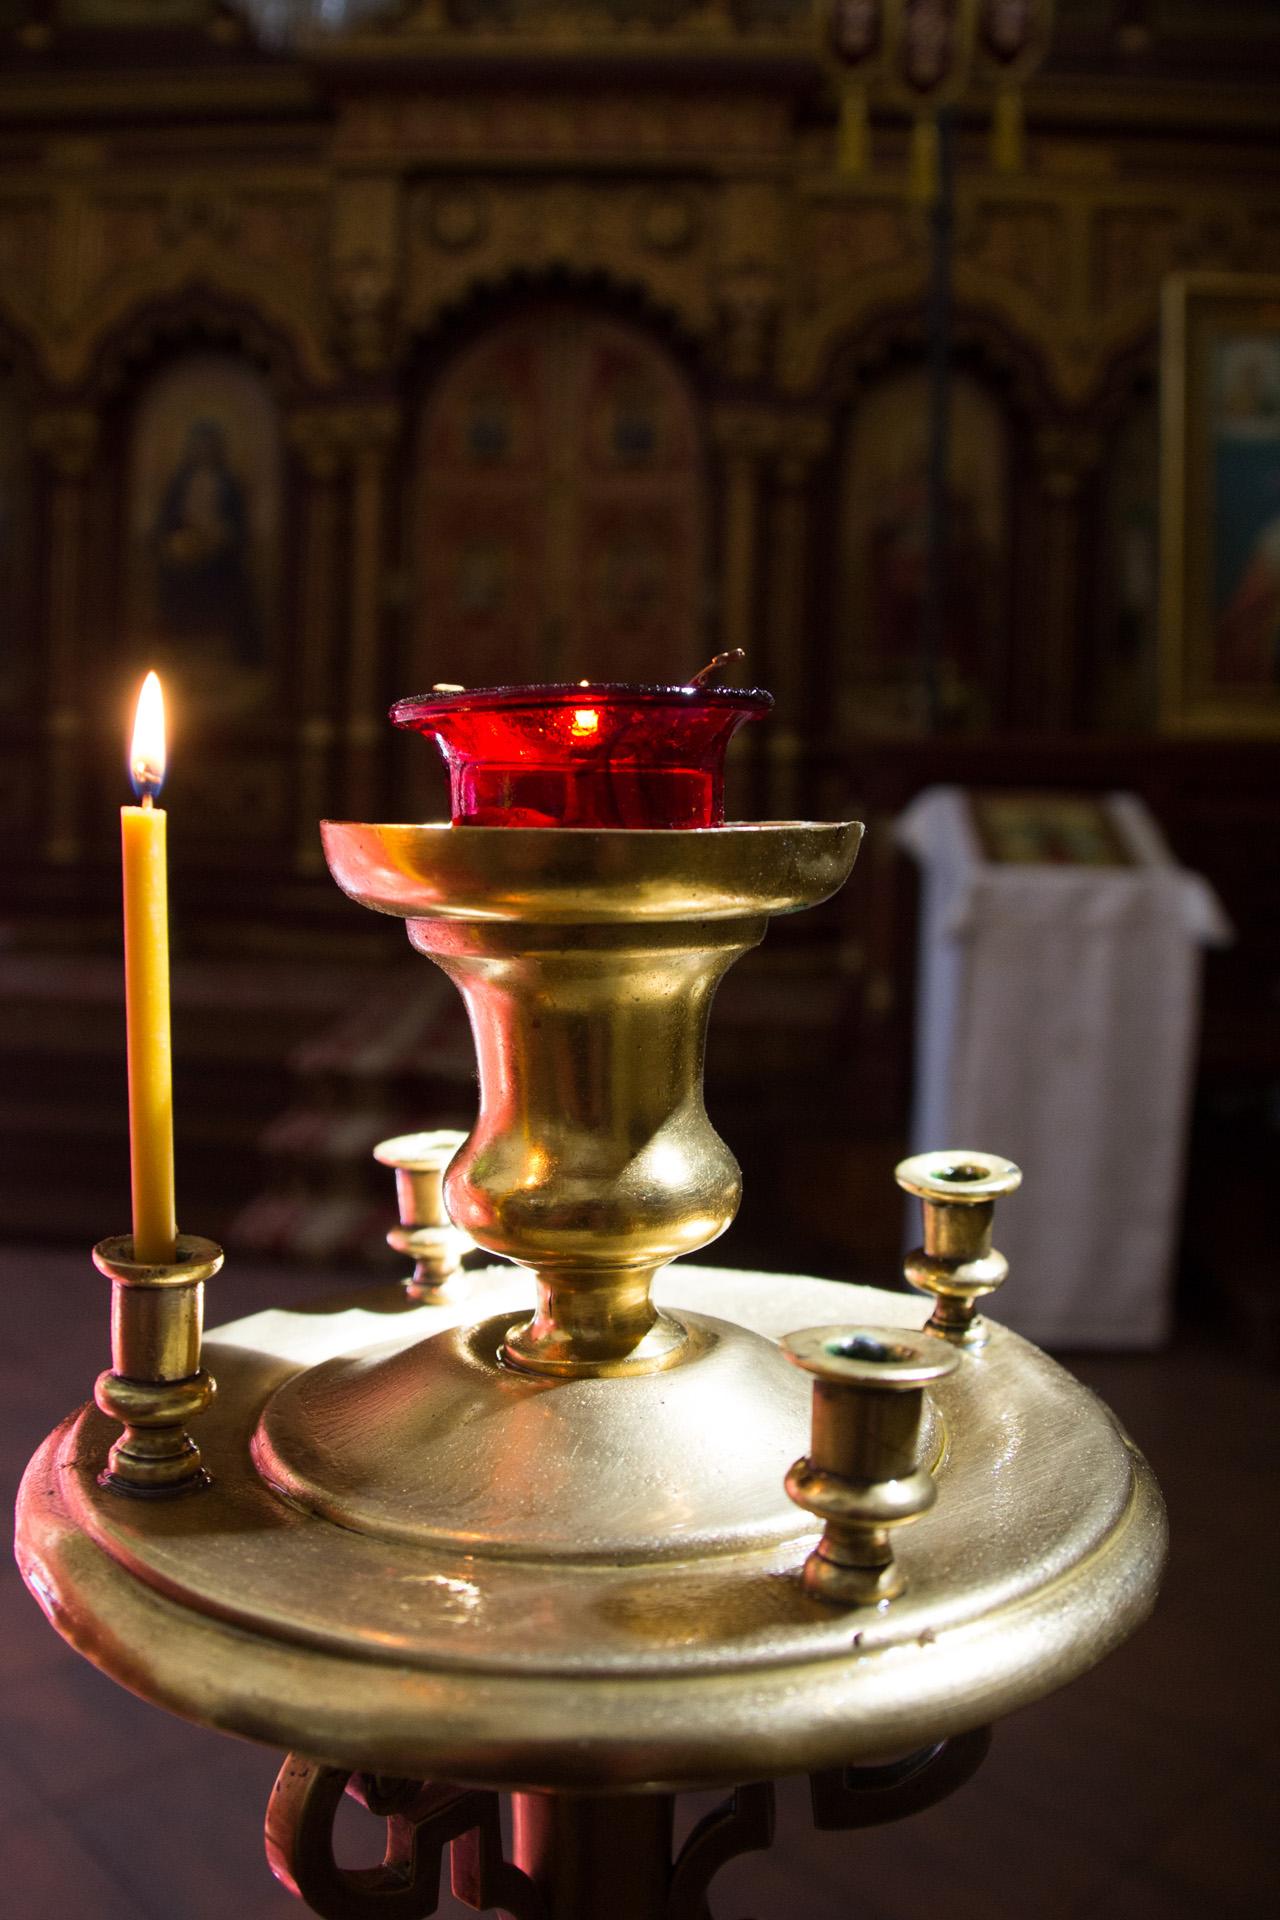 Fotograaf: Astrid Sanders 'In Russisch orthodoxe kerk'